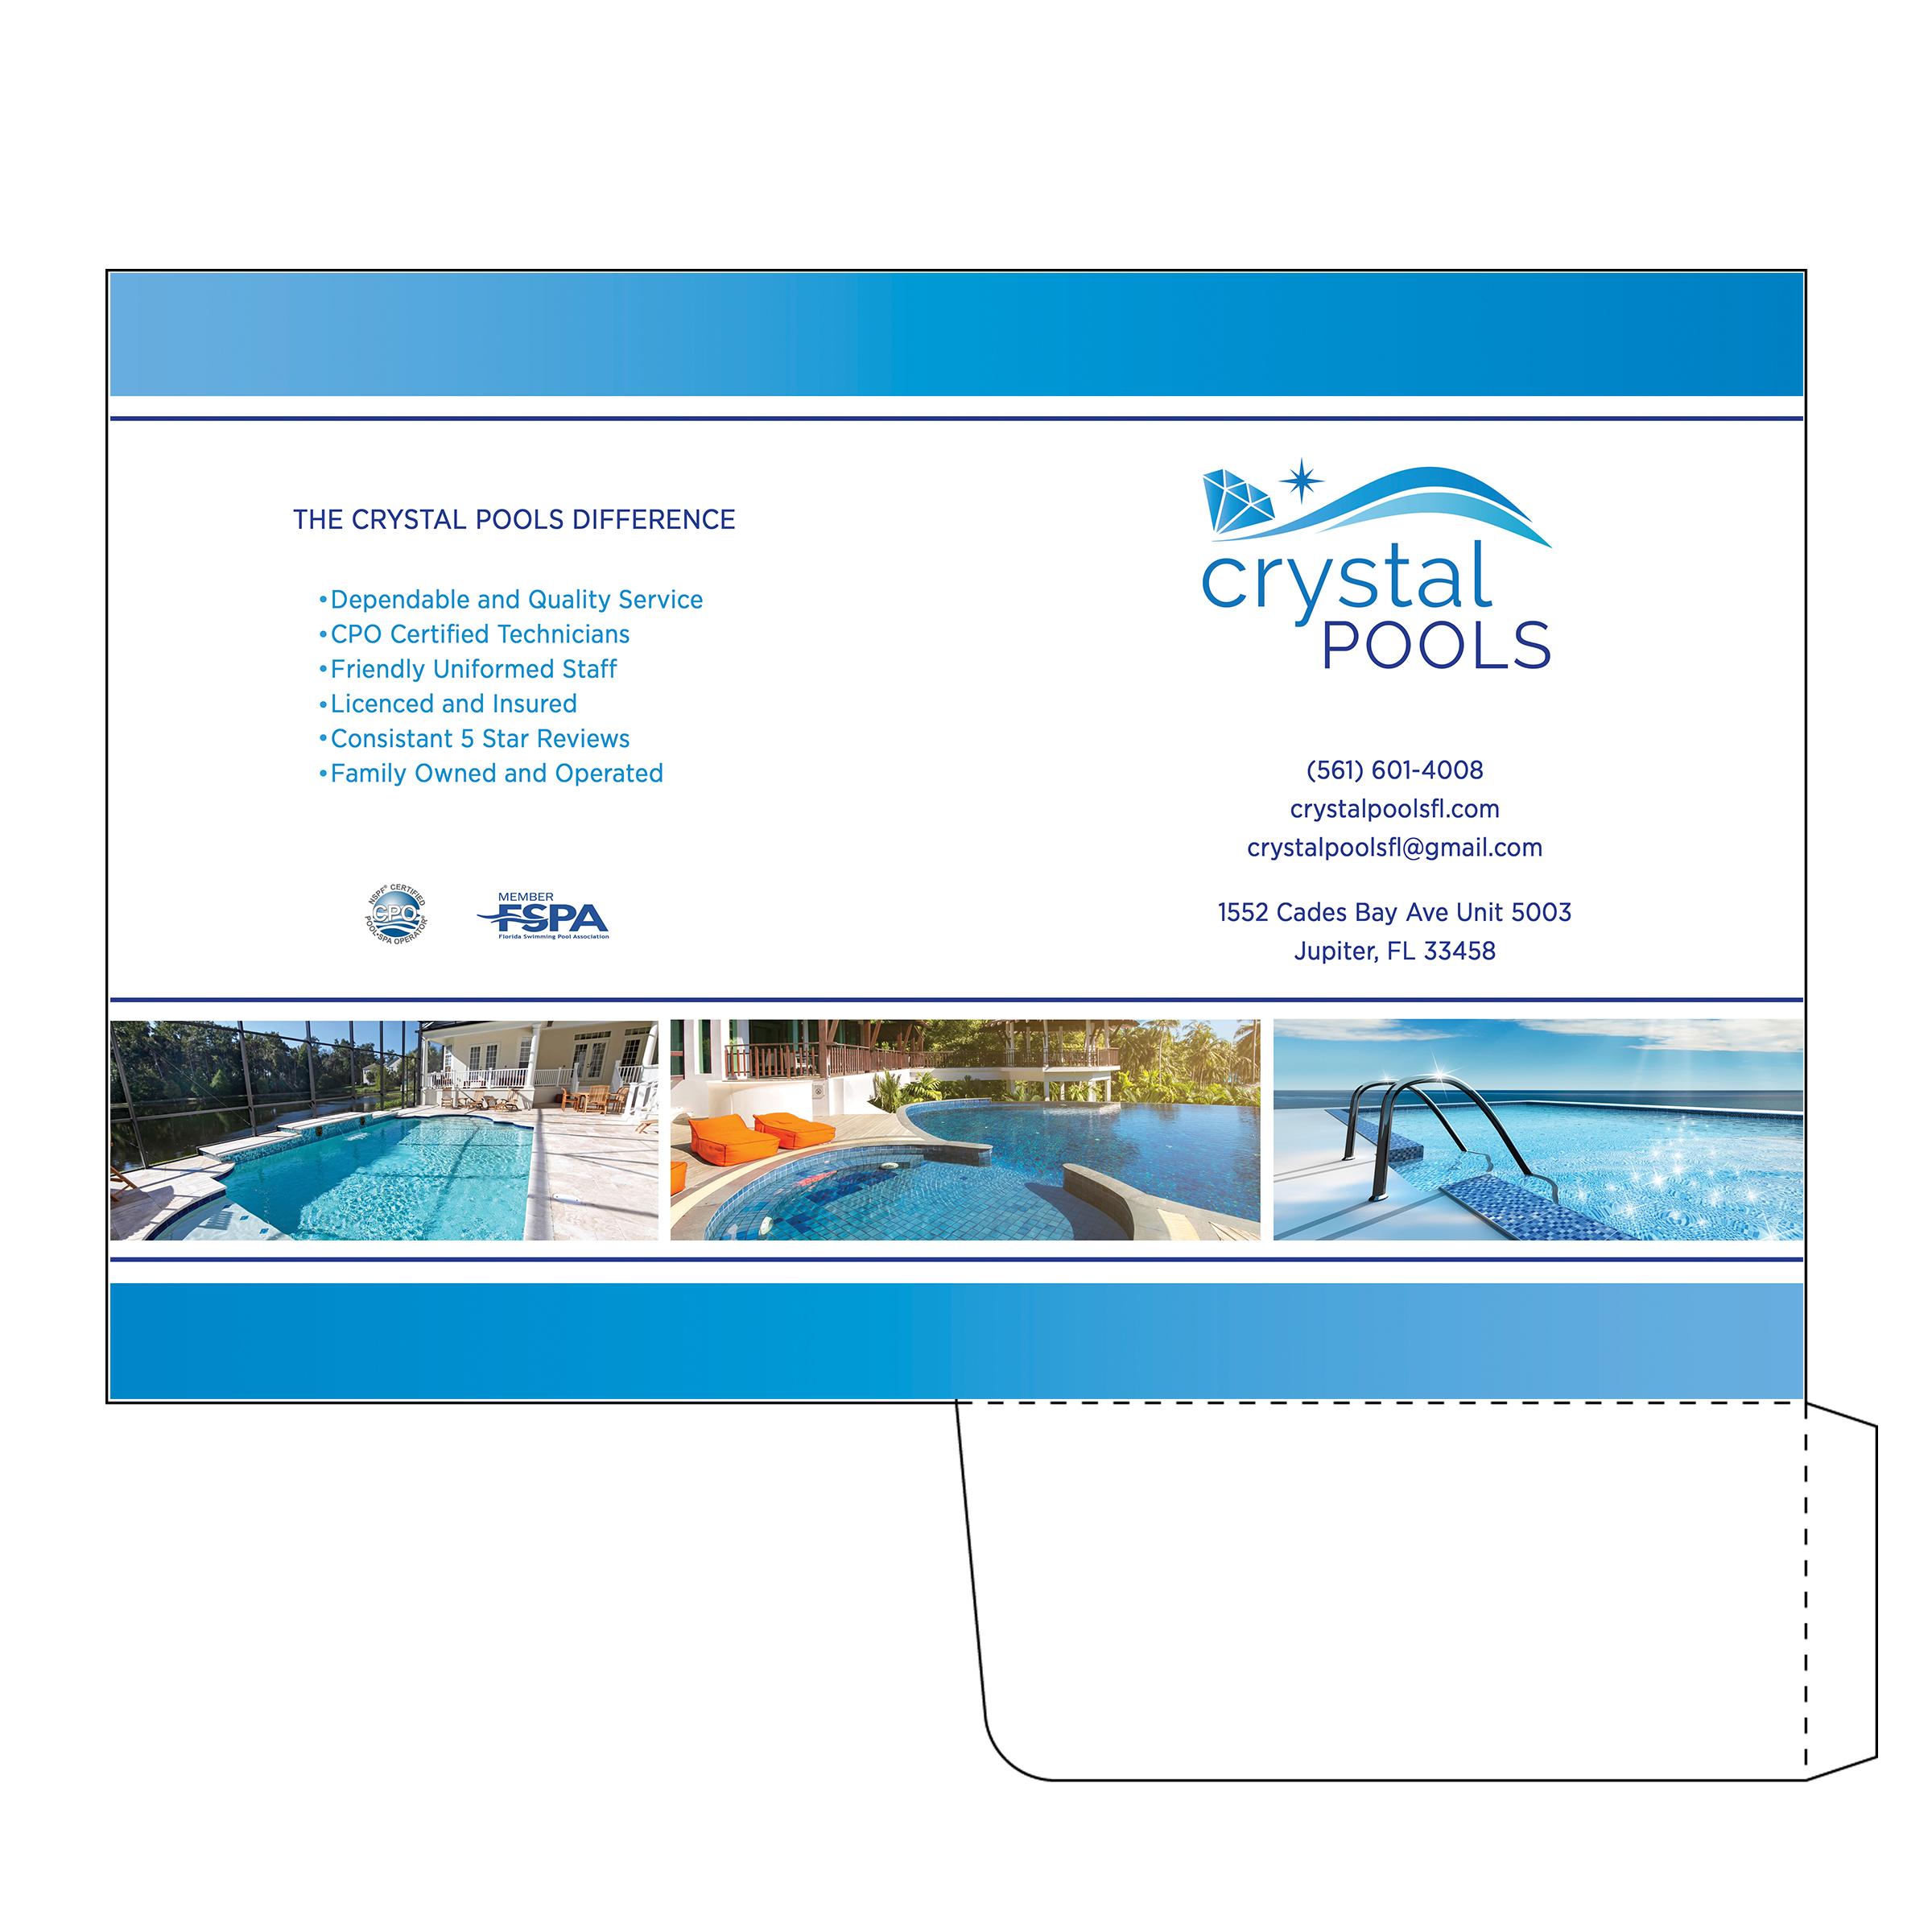 Crystal Pools Folder Design